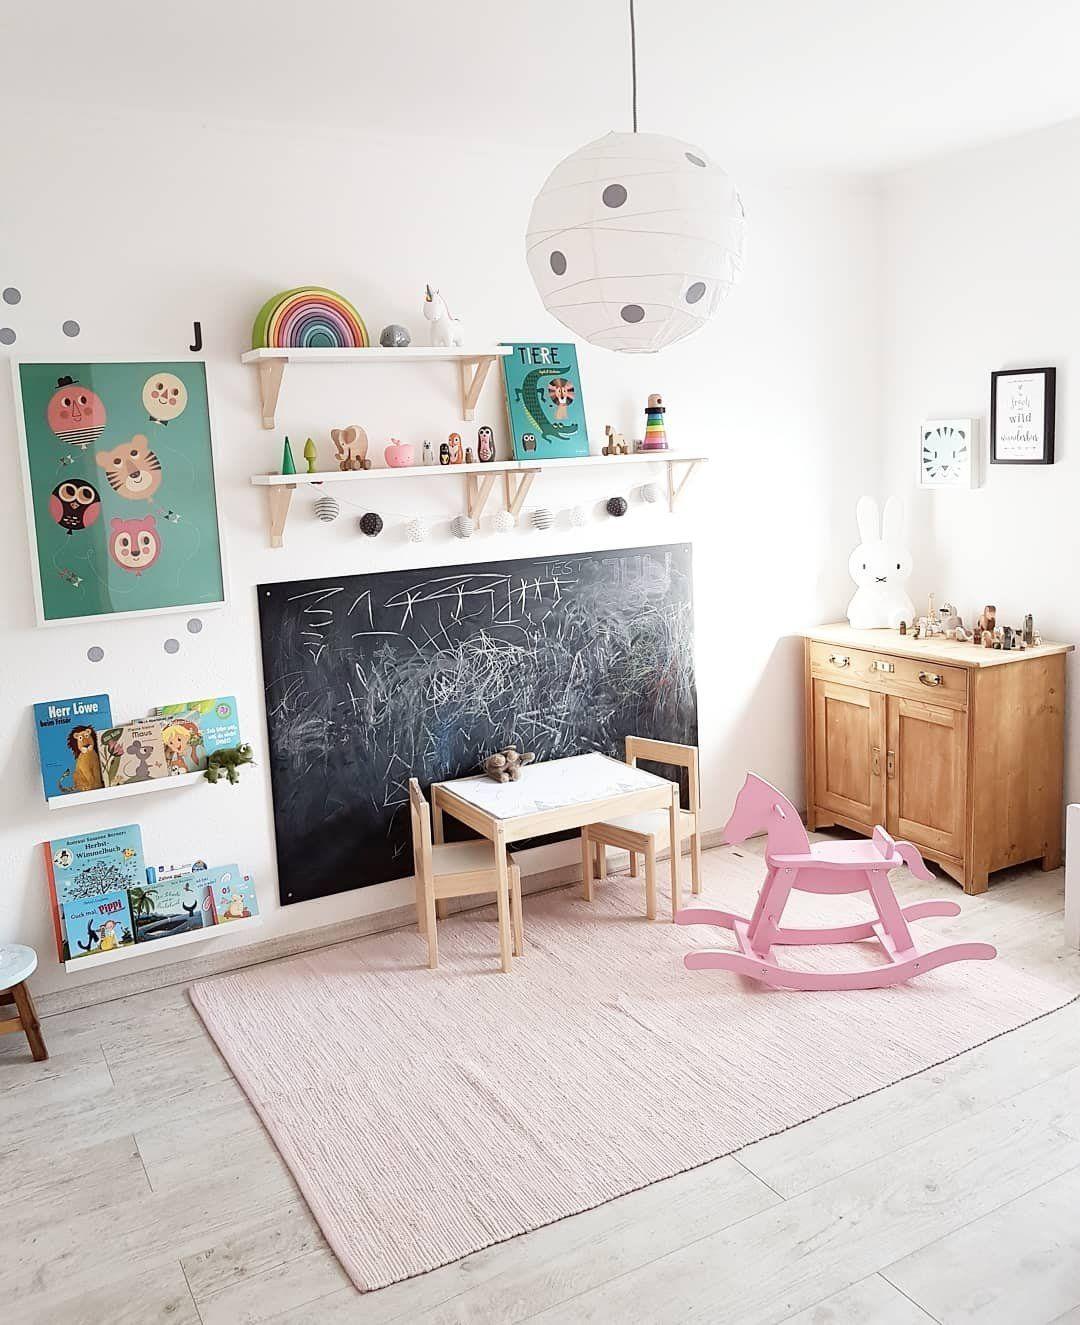 die sch nsten ideen und inspirationen f r kinderm bel. Black Bedroom Furniture Sets. Home Design Ideas